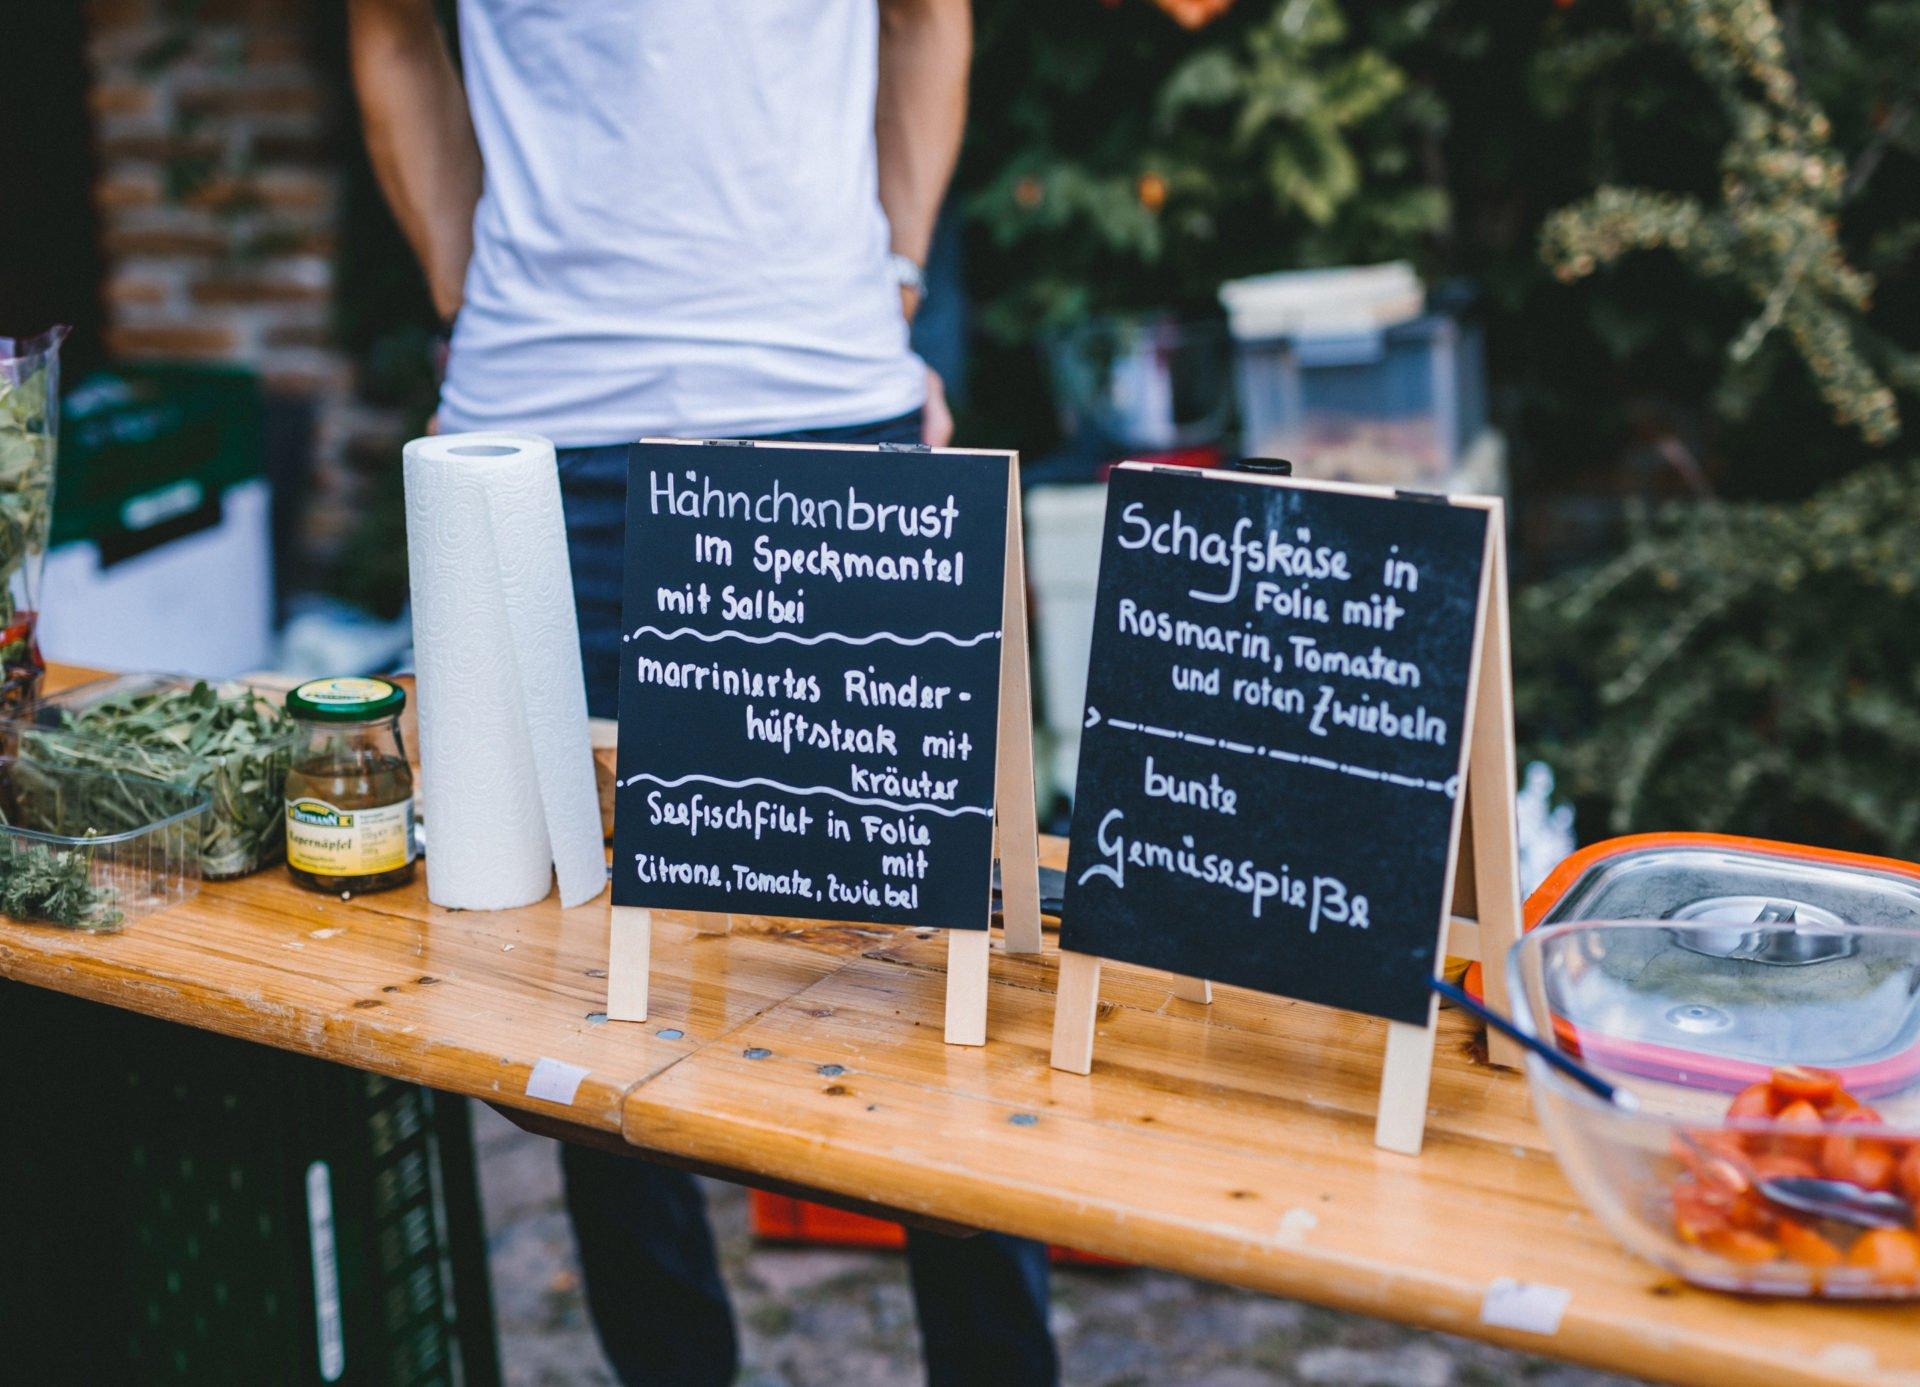 50mmfreunde Berlin Hochzeit 078 1920x1387 - Sommerhochzeit in dem Vierseithofcafé im Berliner Umland